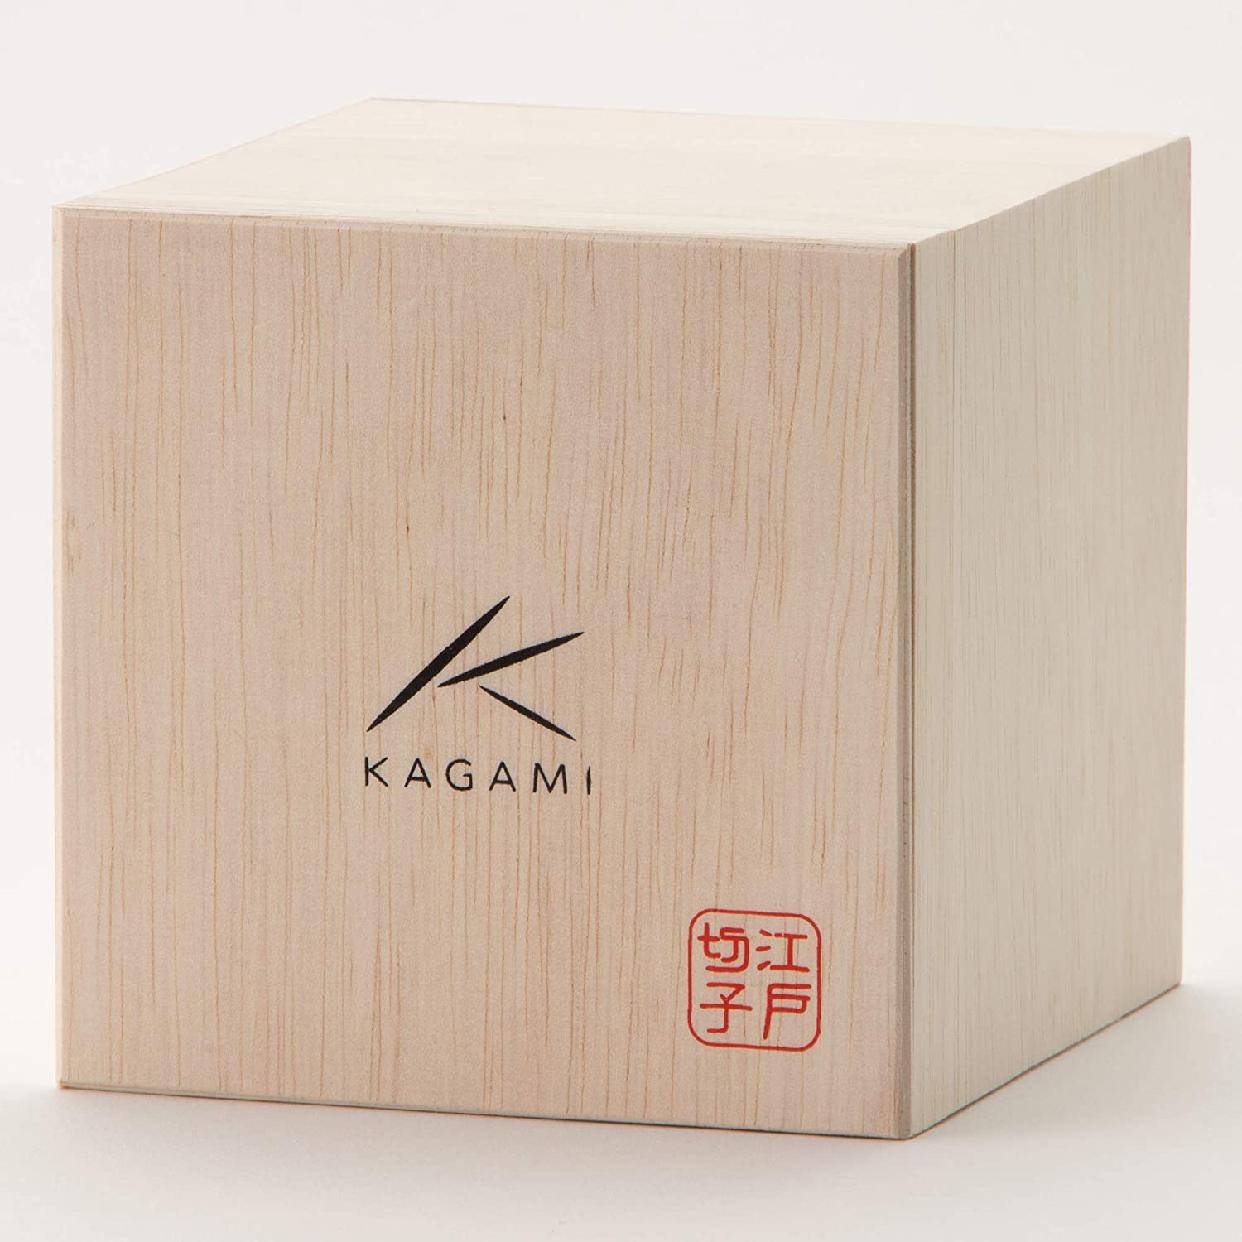 江戸切子(えどきりこ)焼酎ロックグラス<萩とススキ> 230cc T557-2650CMPの商品画像4